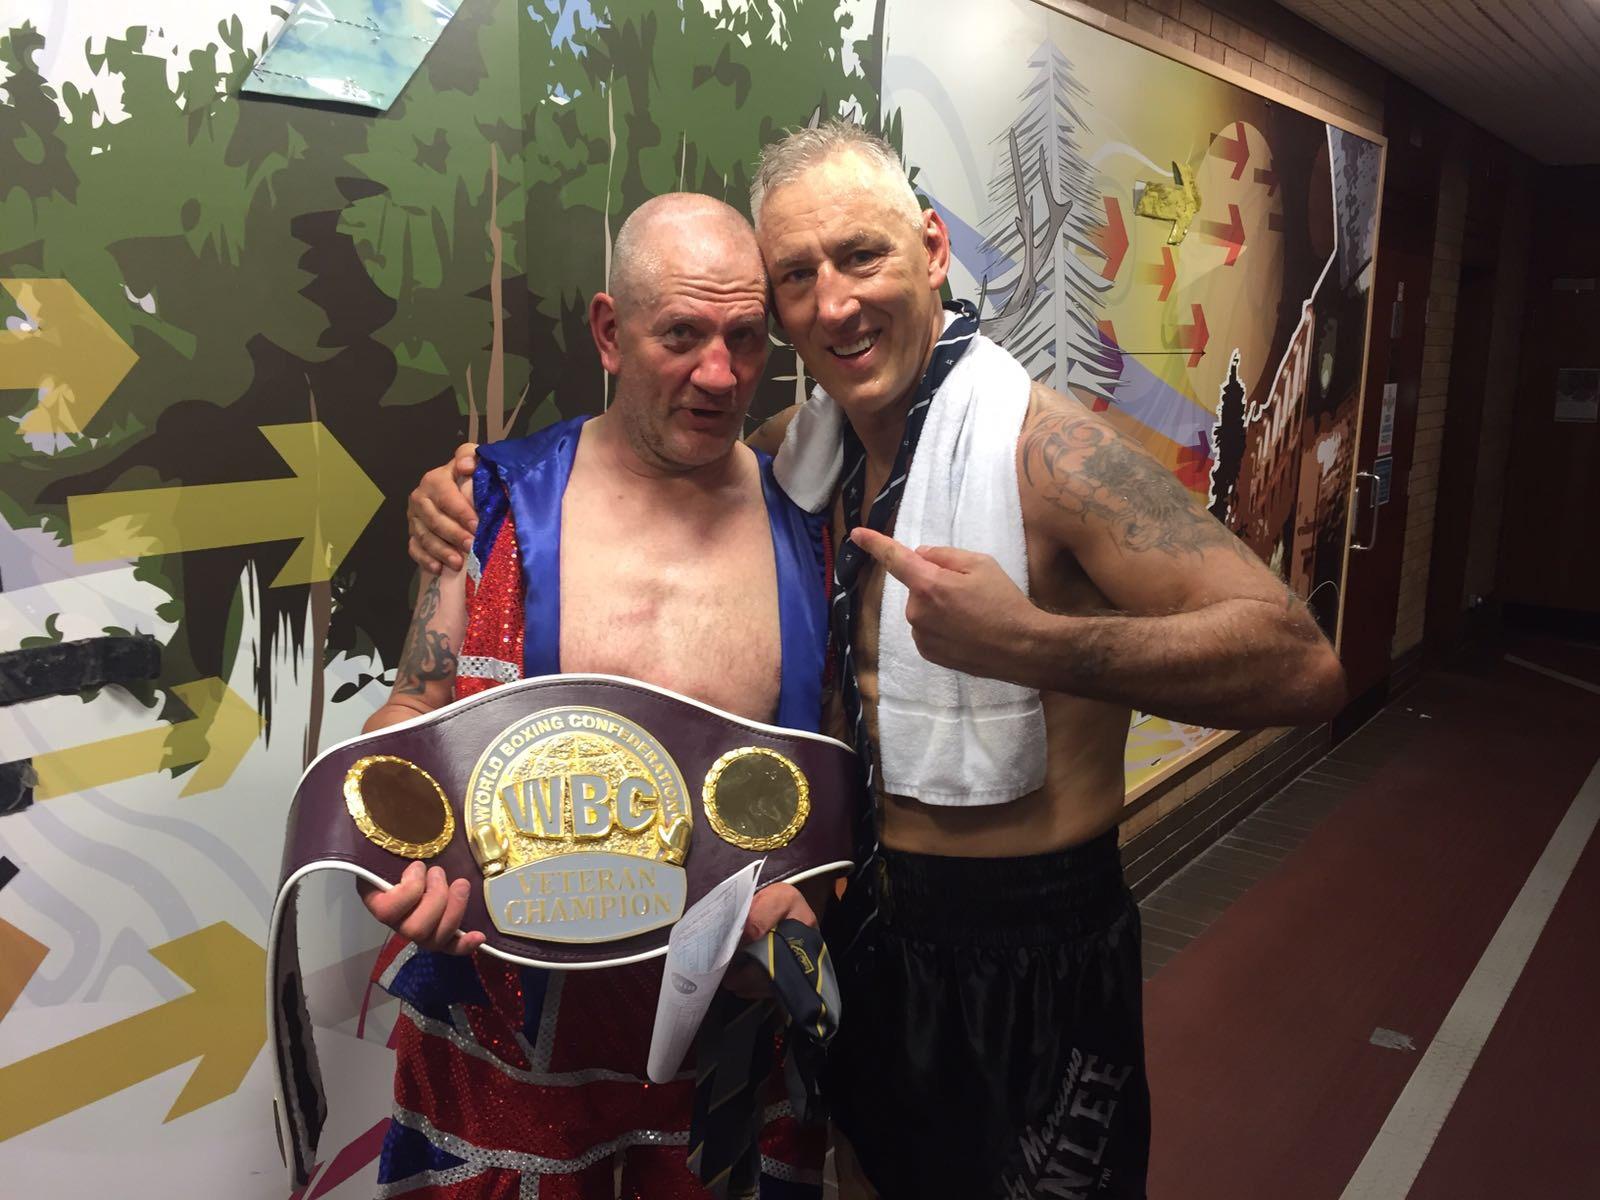 Steve Ward thất bại trước Andreas Sidontrong trận tranh chức vô địch thế giới hạng nặng dành cho các võ sĩ kỳ cựu trong trận chiến cuối cùng của mình ở tuổi 60.